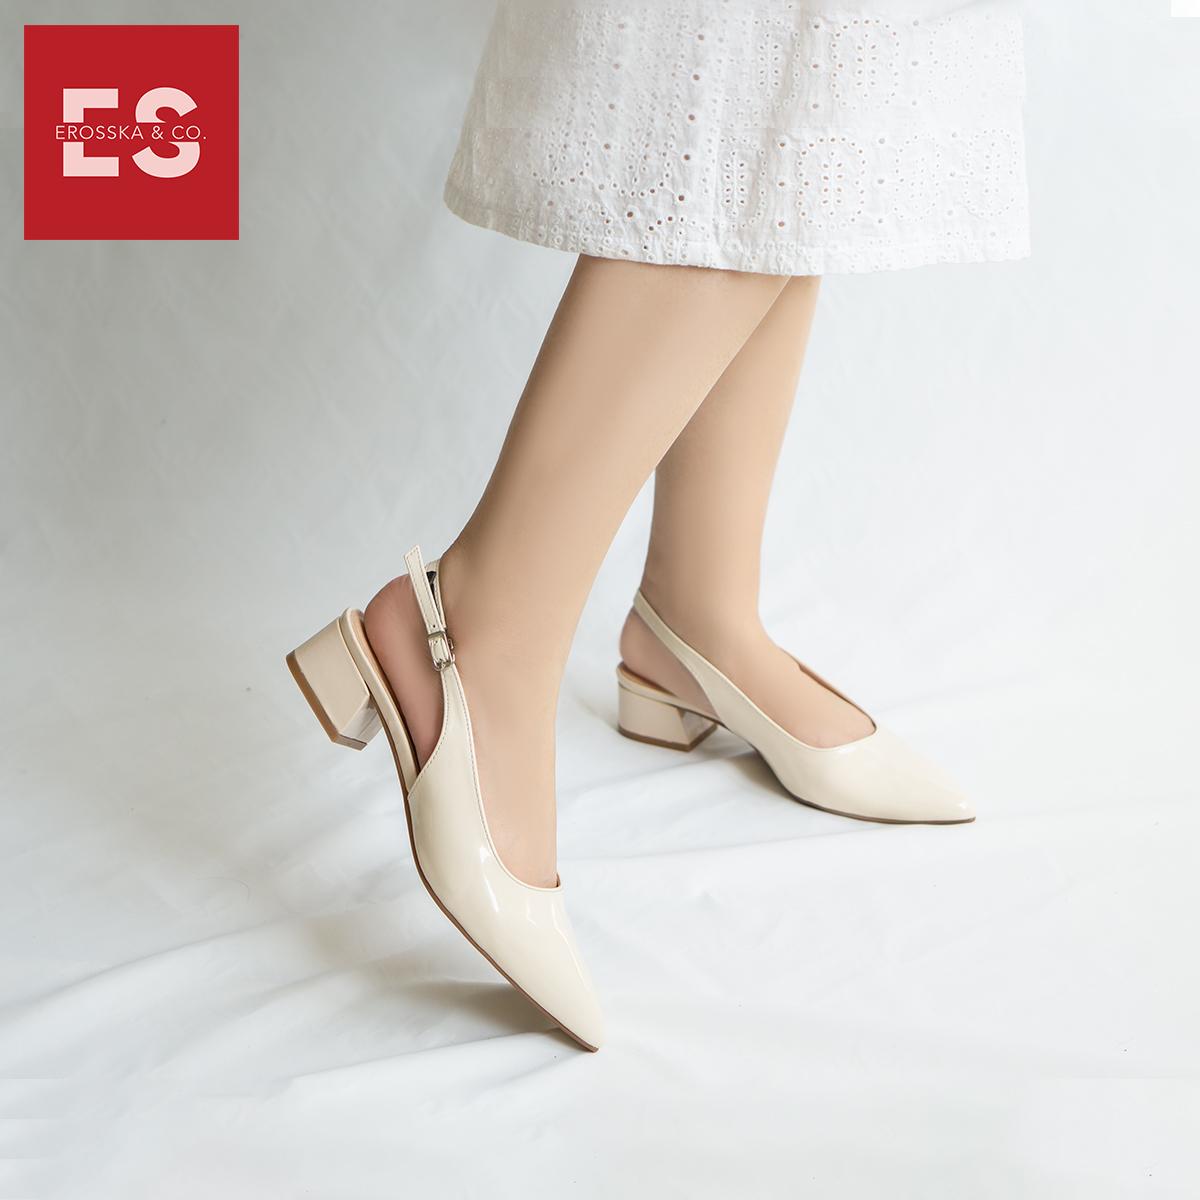 Giày cao gót slingback Erosska mũi nhọn da bóng kiểu dáng basic cao 4cm - EL012 6